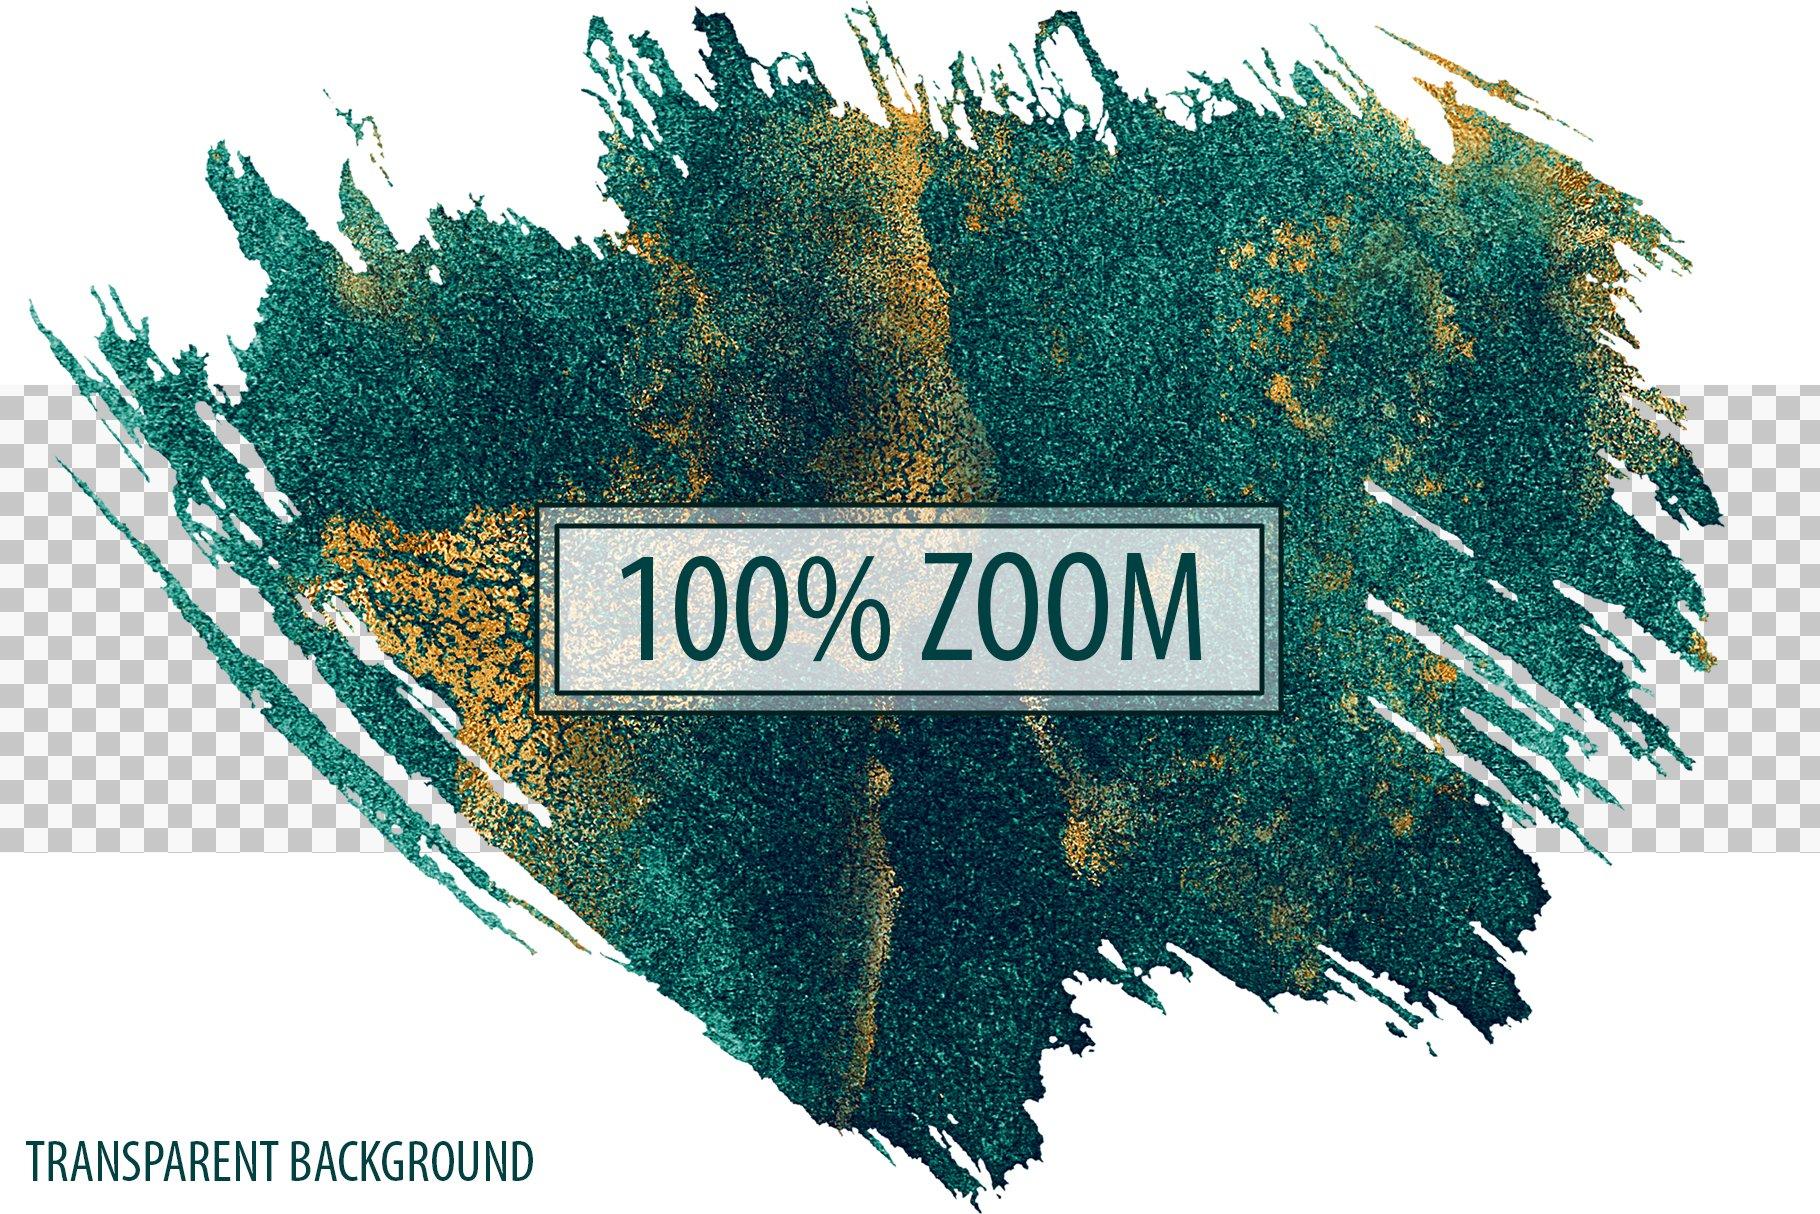 30款奢华翡翠墨绿流金水彩抽象艺术装饰背景底纹图片素材 Seamless Watercolor Backgrounds插图25